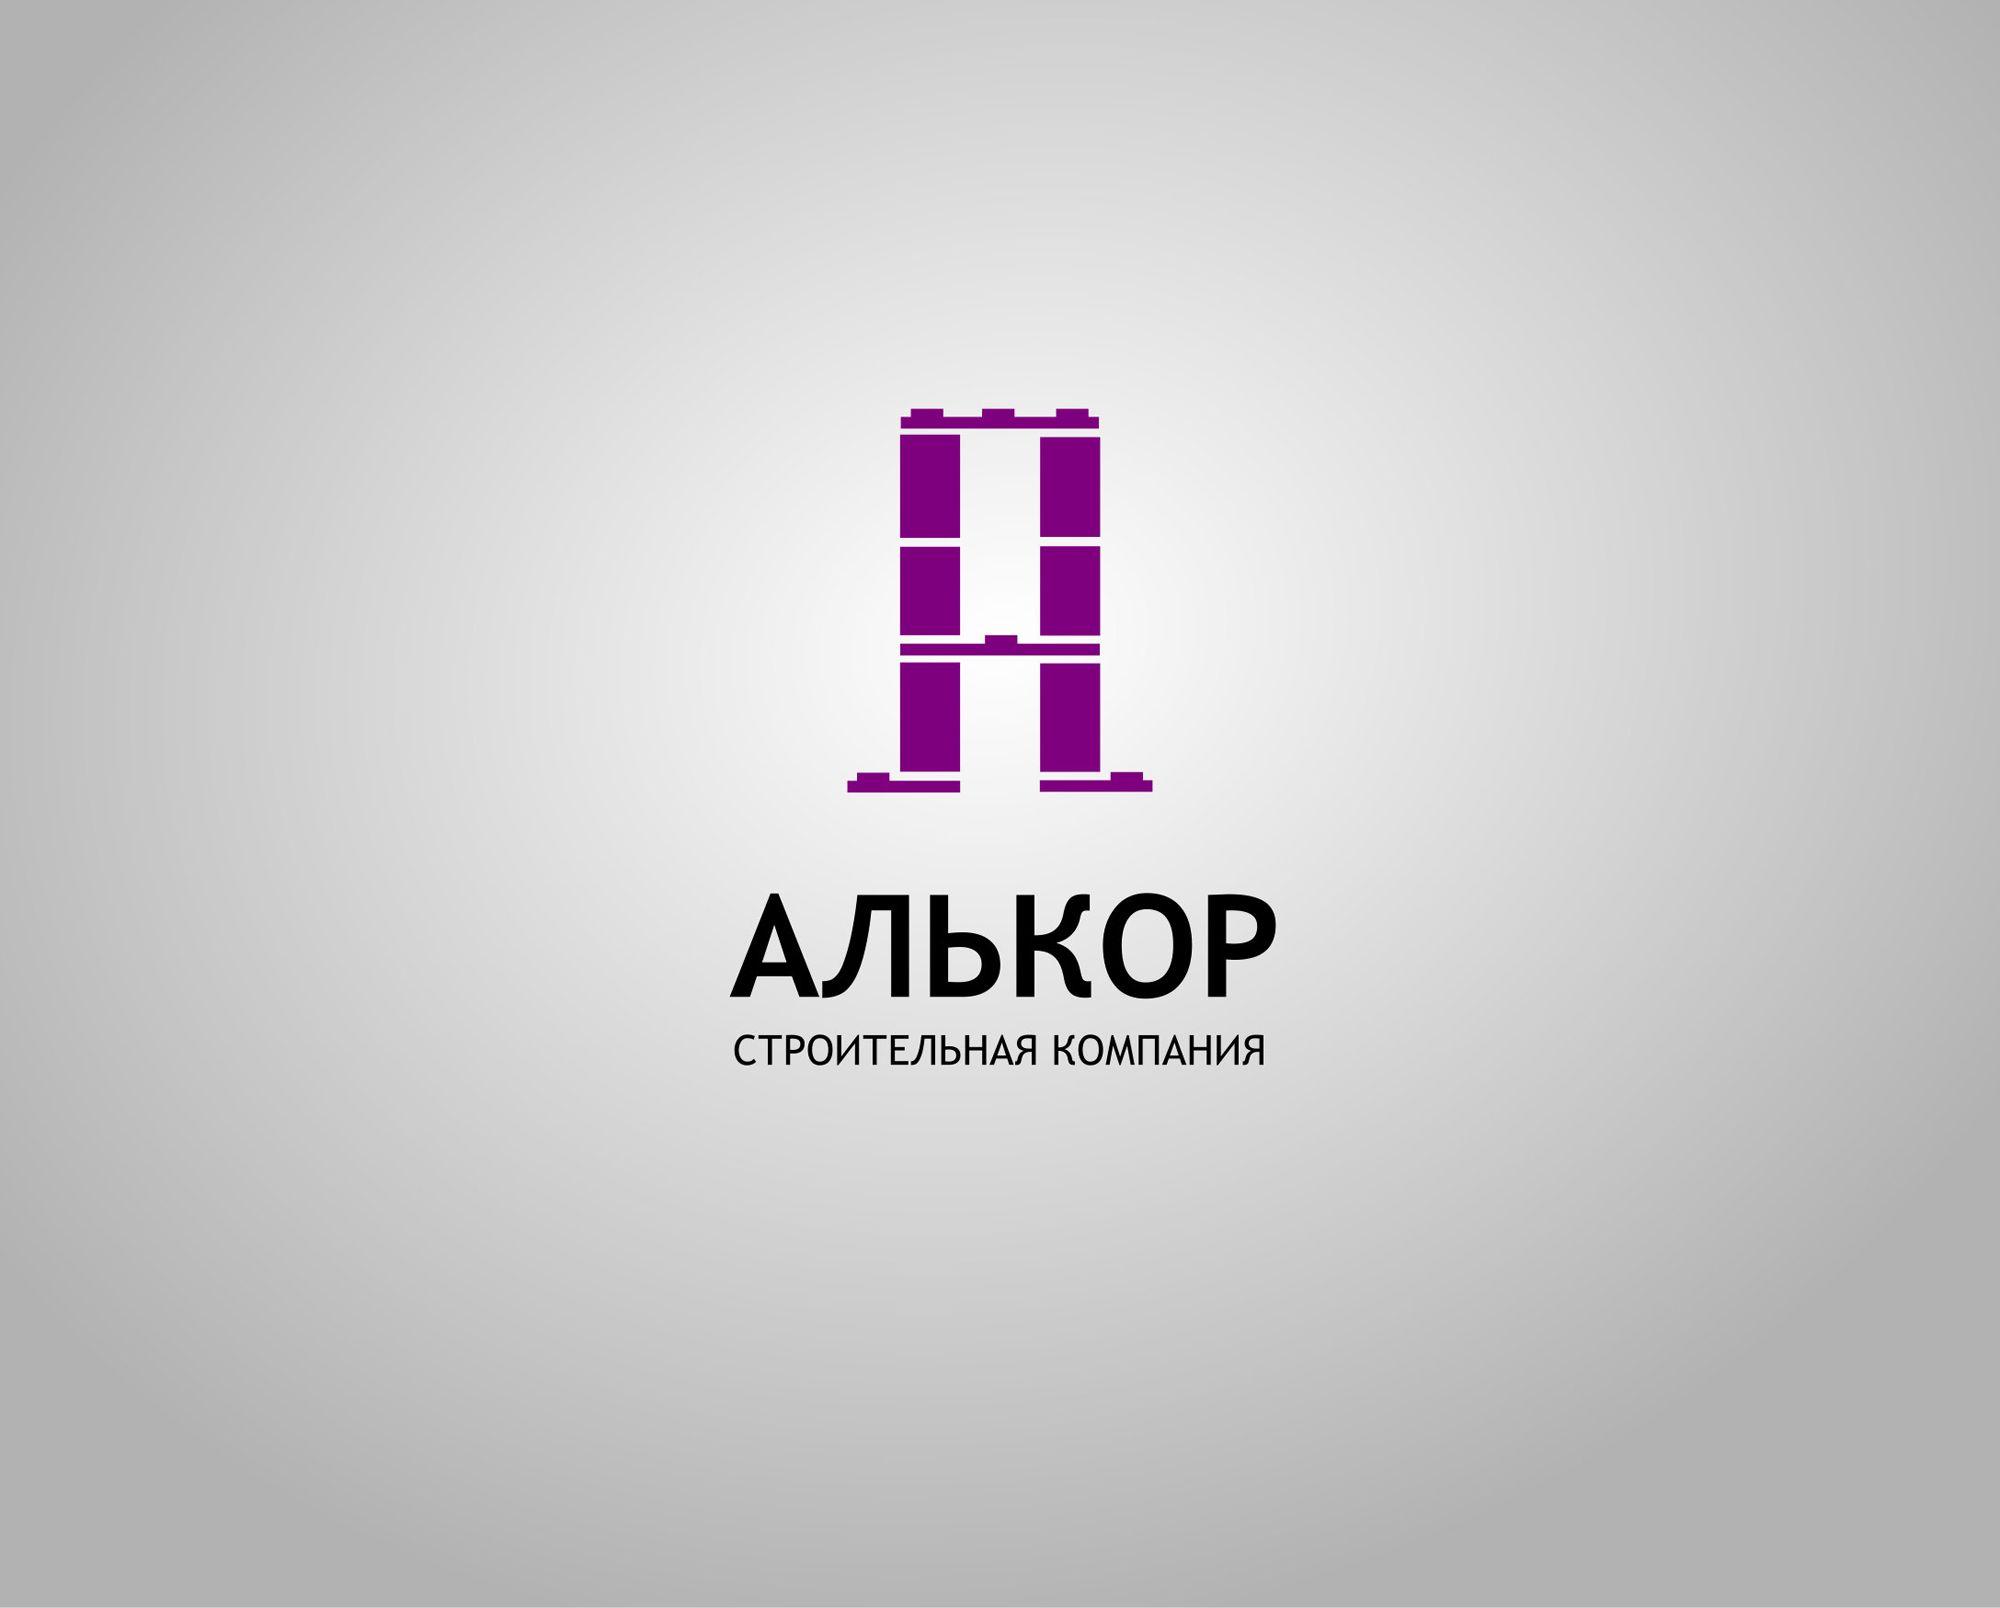 Логотип и фир.стиль для строительной организации - дизайнер yula